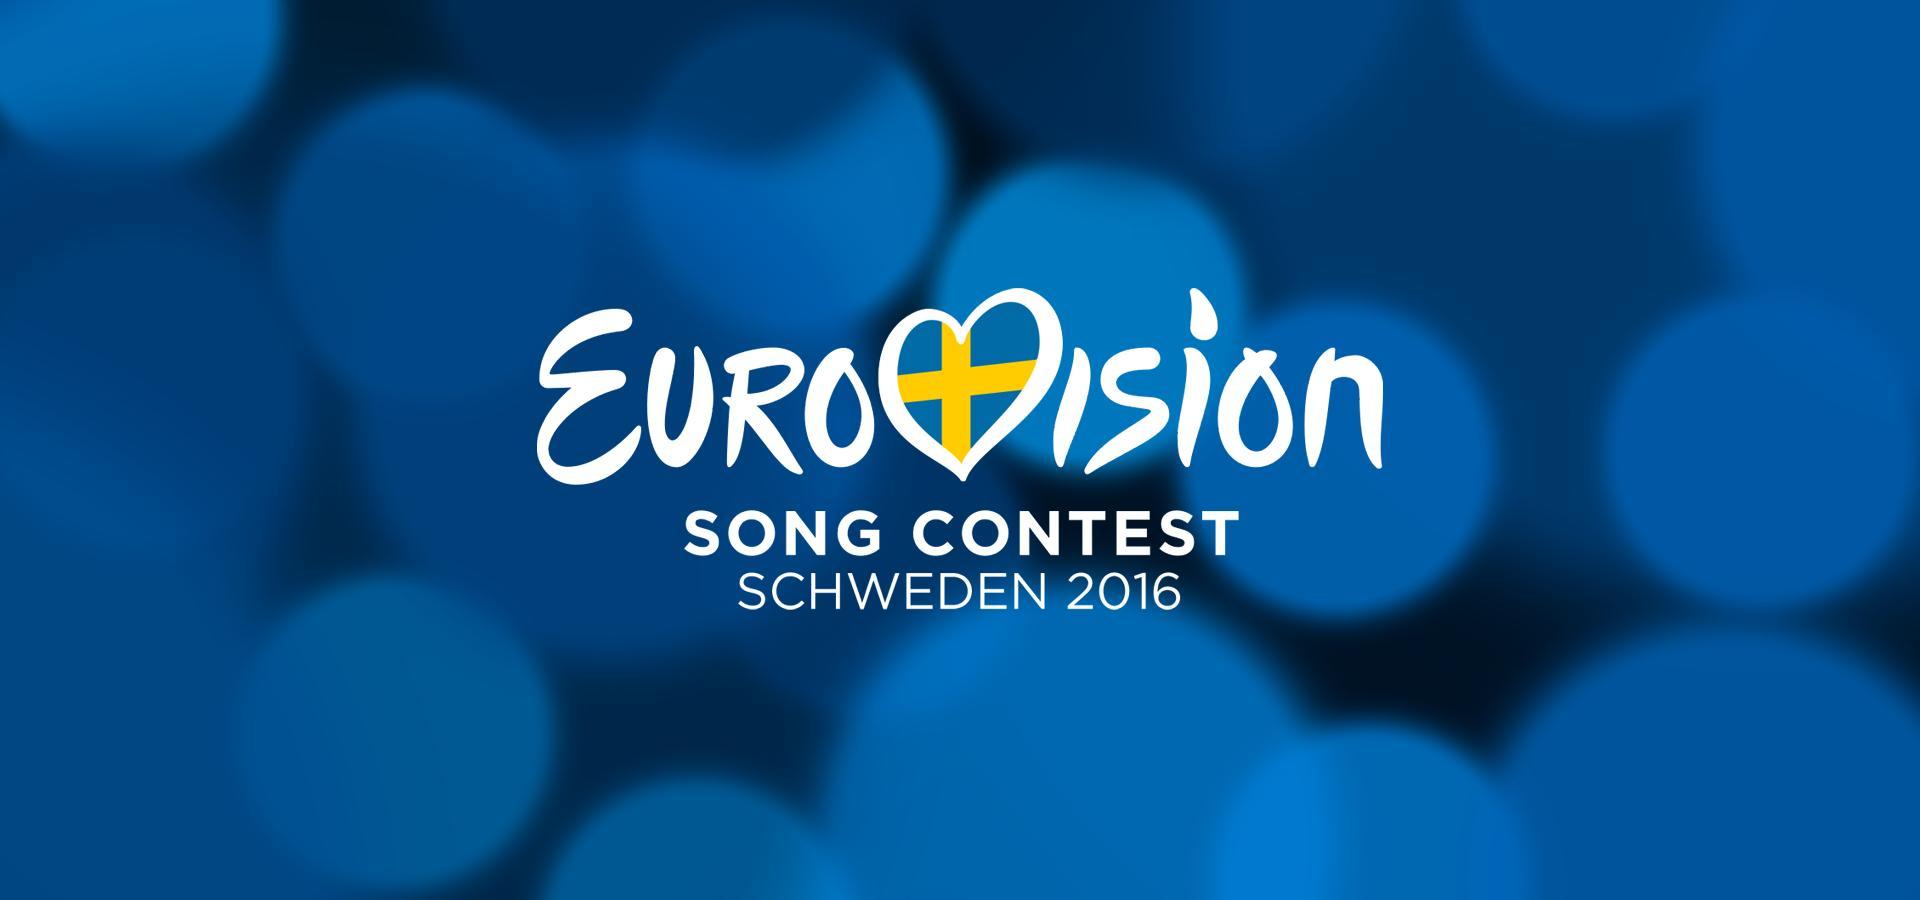 победитель евровидения 2015 монс зелмерлев слушать